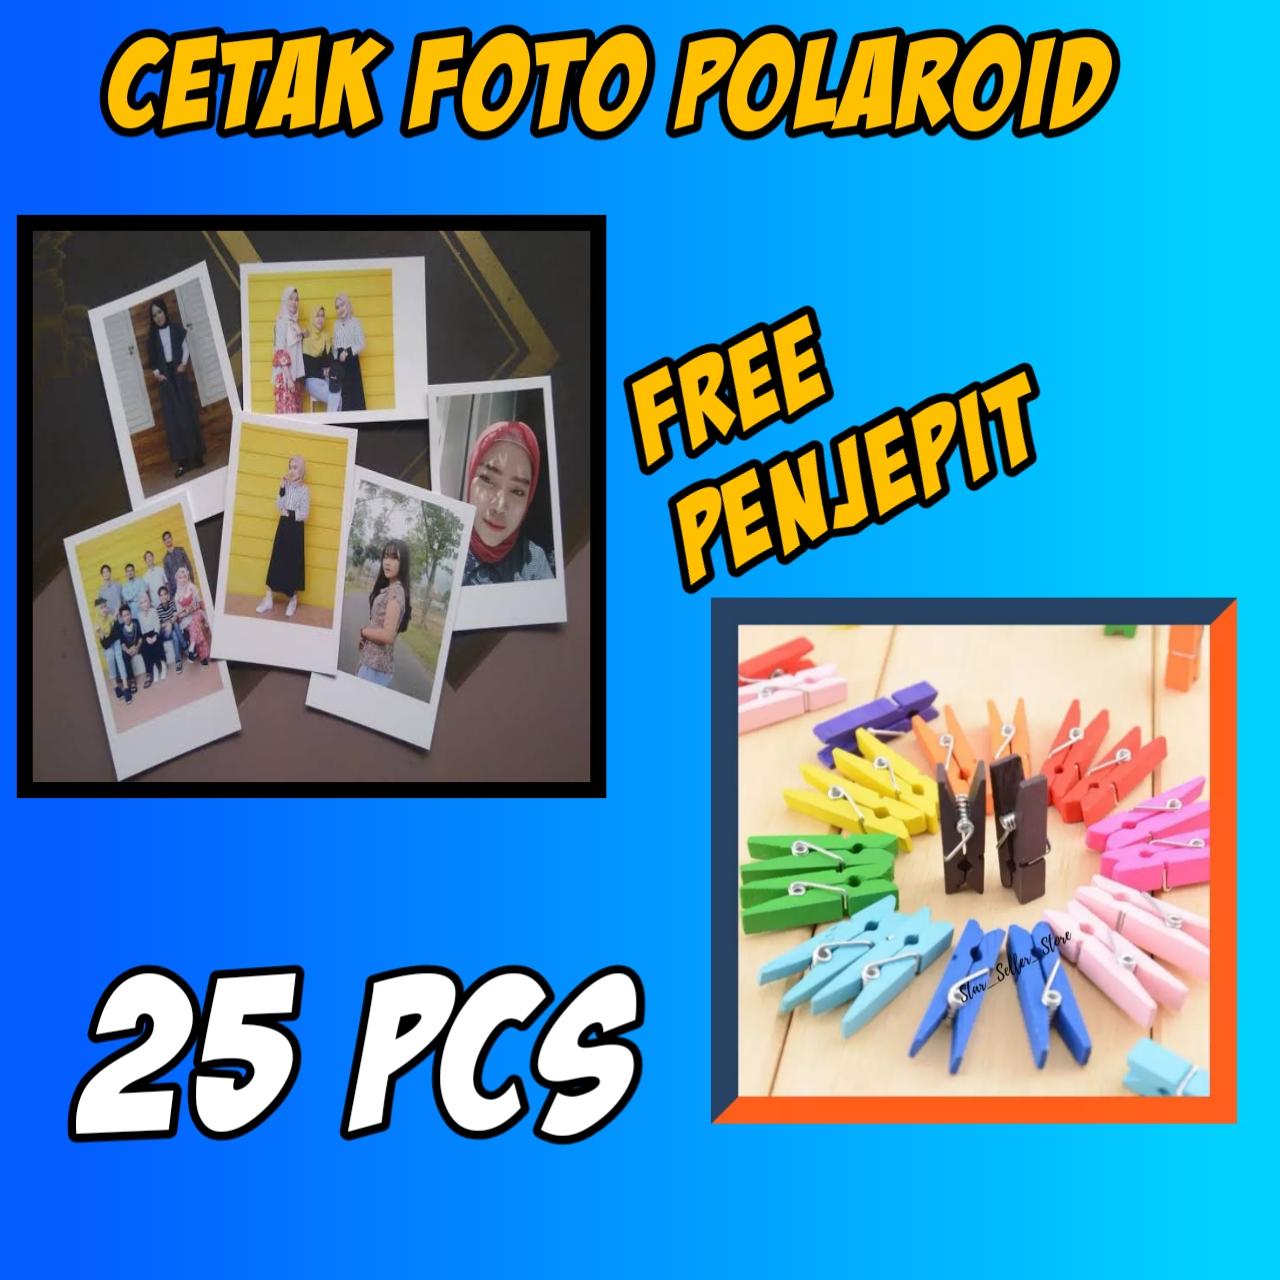 Cetak Foto Polaroid Gratis Penjepit Ukuran 7 Cm X 9 Cm Glossy Mengkilap Lazada Indonesia